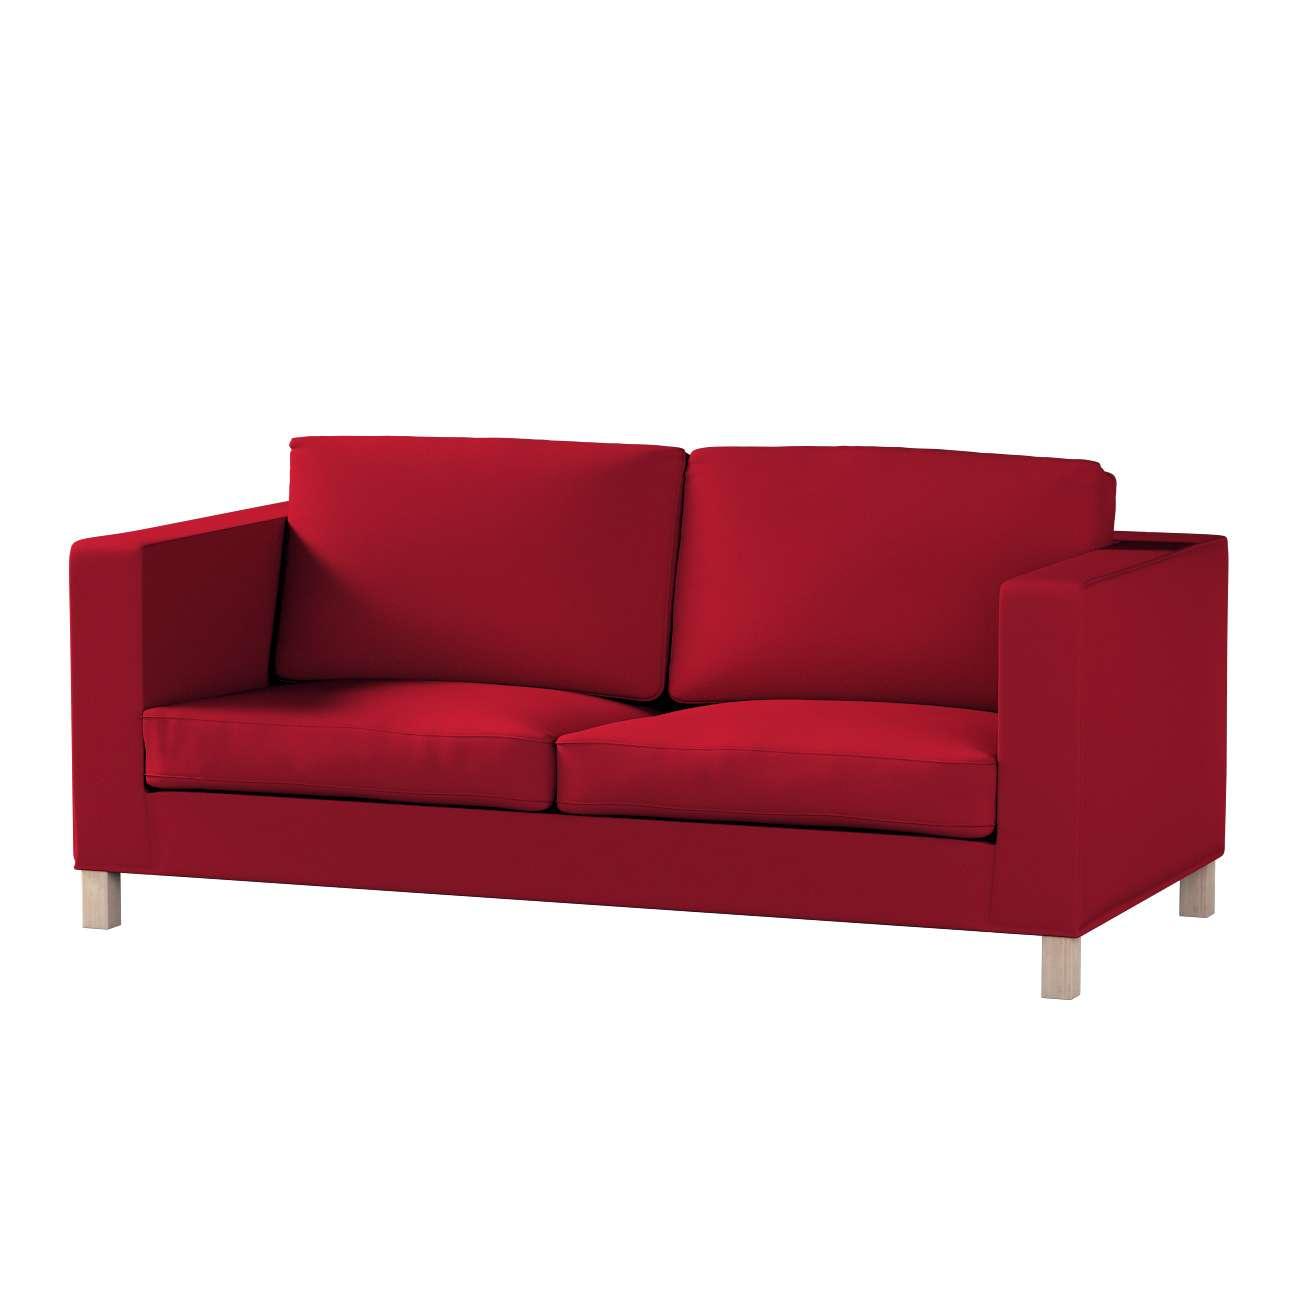 Pokrowiec na sofę Karlanda rozkładaną, krótki w kolekcji Etna, tkanina: 705-60